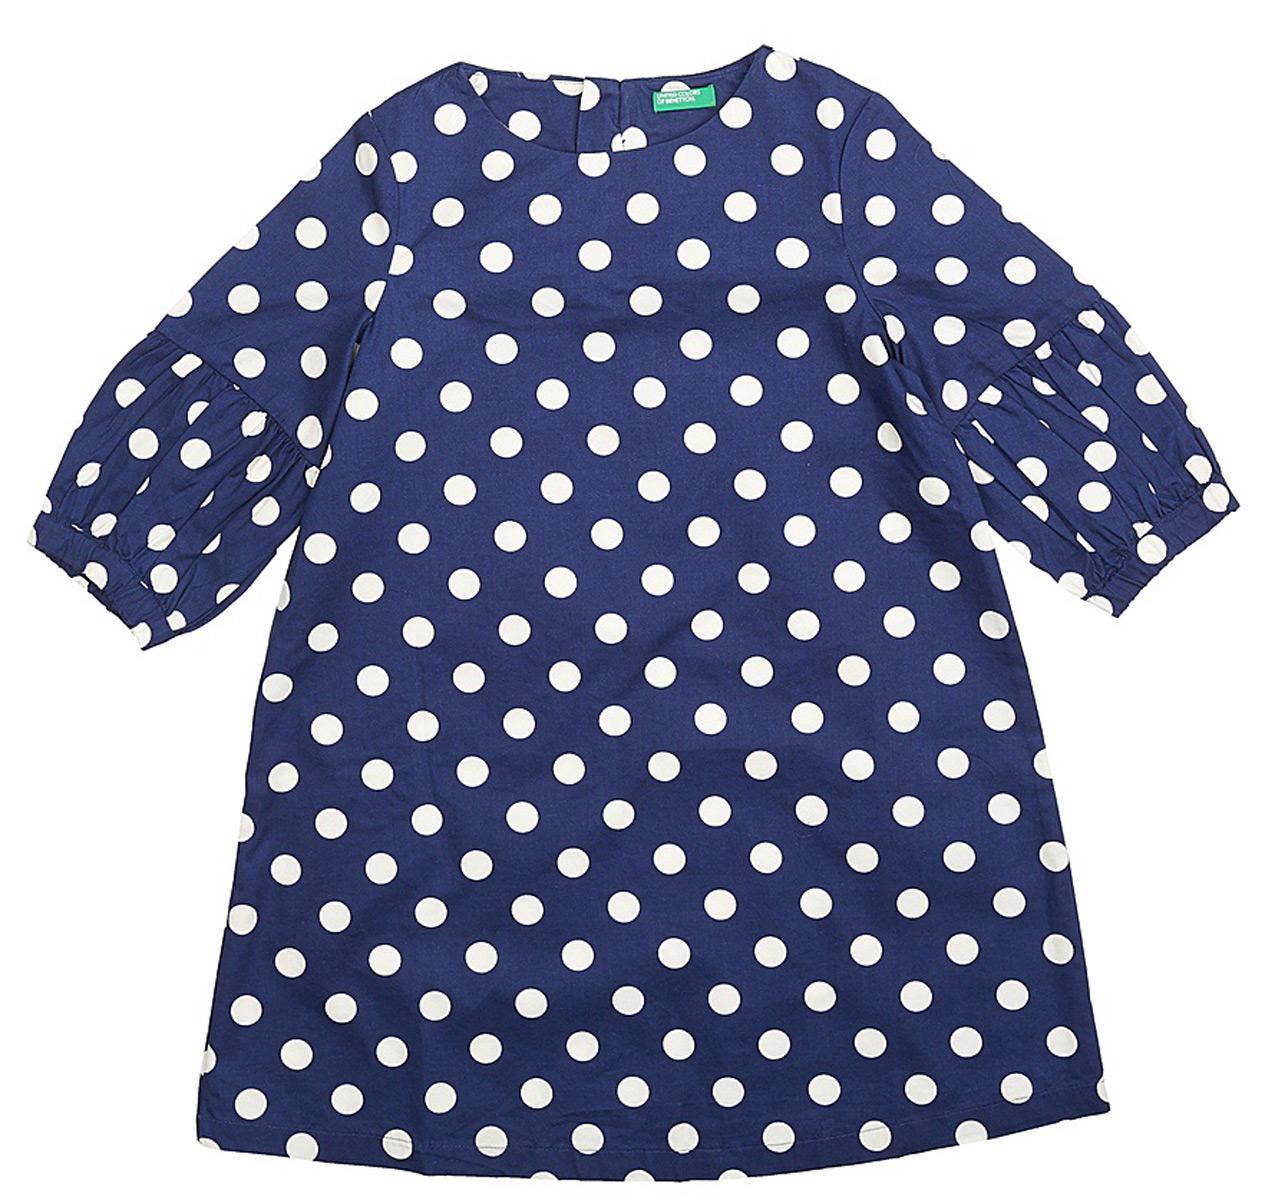 Платье для девочек United Colors of Benetton, цвет: синий. 4XU15V8M0_902. Размер 1304XU15V8M0_902Платье от United Colors of Benetton выполнено из натурального хлопка. Модель трапециевидного кроя с длинными рукавами и круглым вырезом горловины на спинке застегивается на пуговицы.